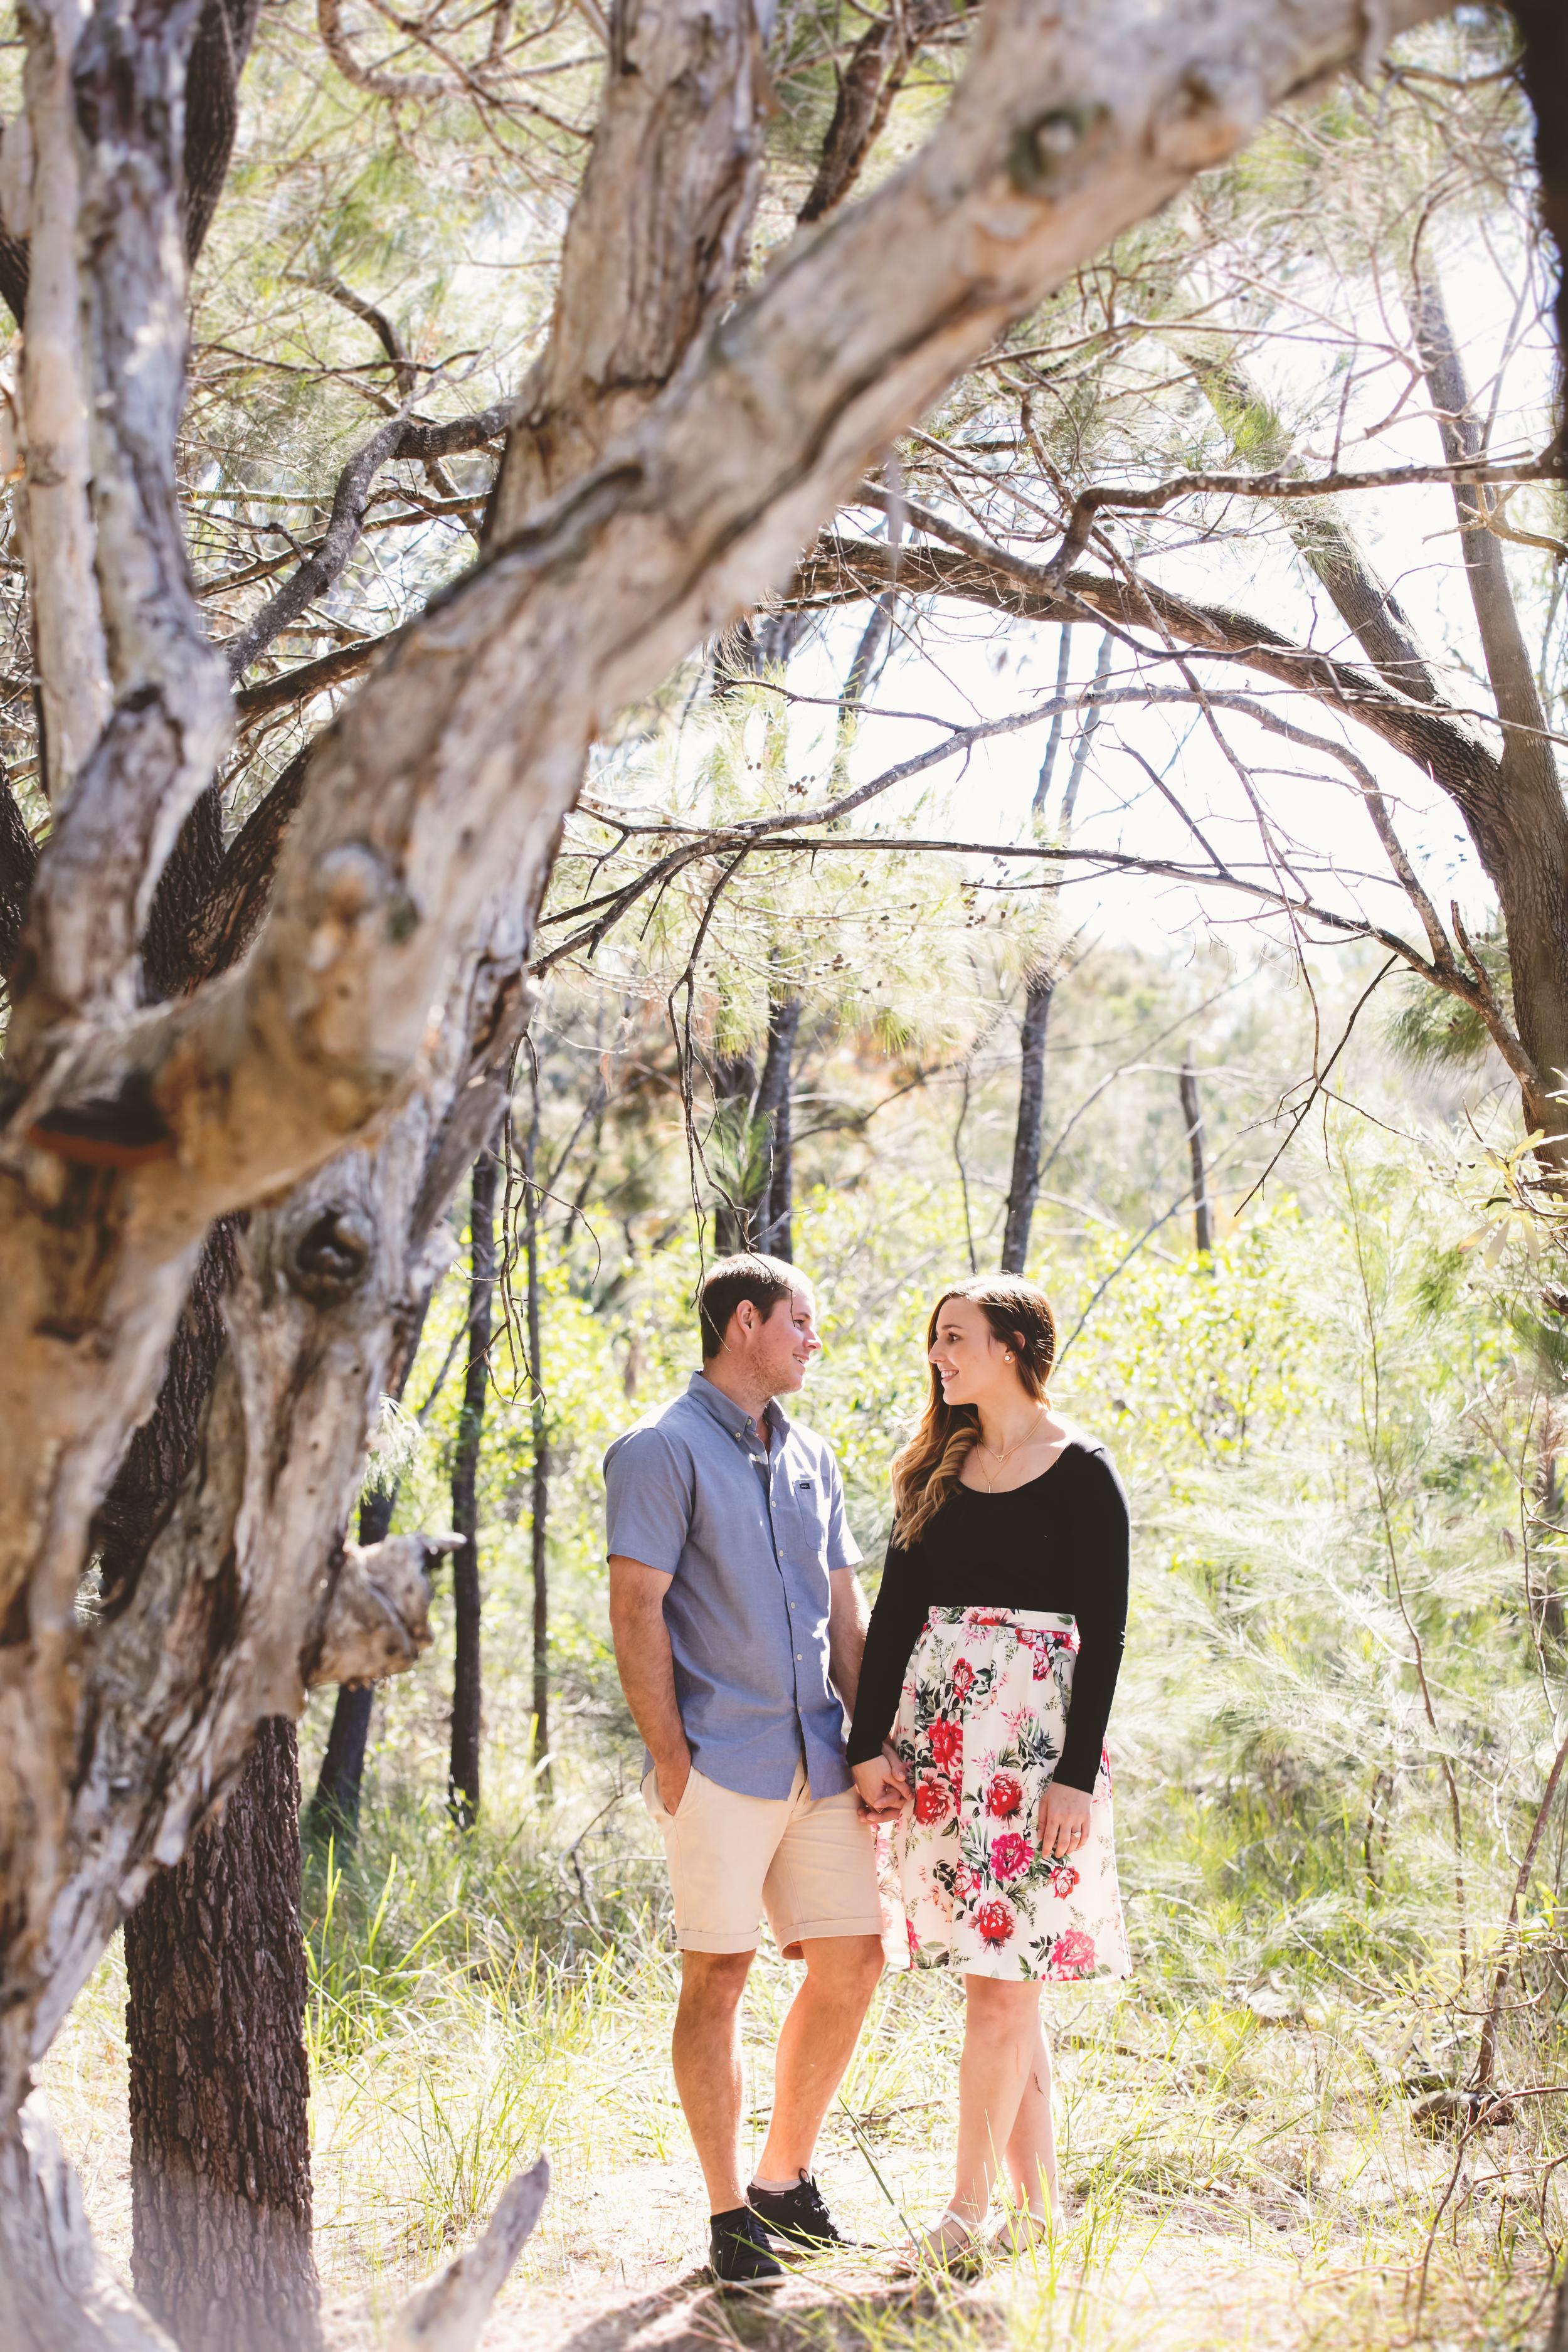 Bec and Tyson's engagement photoshoot, Currimundi Lake, Sunshine Coast. Sunshine Coast Wedding Photographer, images by Lou O'Brien. www.imagesbylouobrien.com